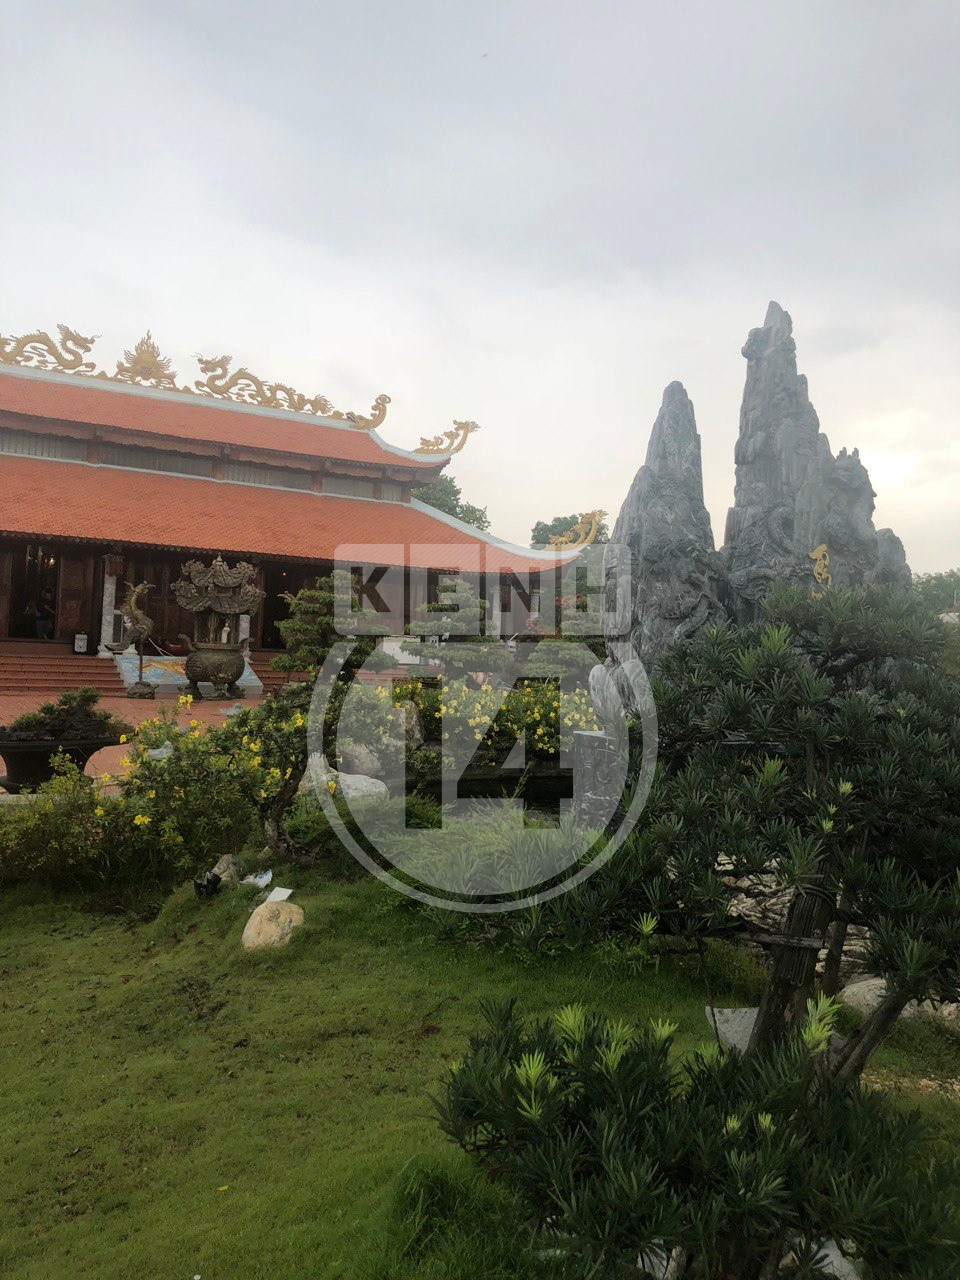 Về thăm Đền thờ Tổ nghiệp của NS Hoài Linh sau loạt lùm xùm từ thiện: Camera bố trí dày đặc, hàng xóm kể không bao giờ thấy mặt - Ảnh 14.